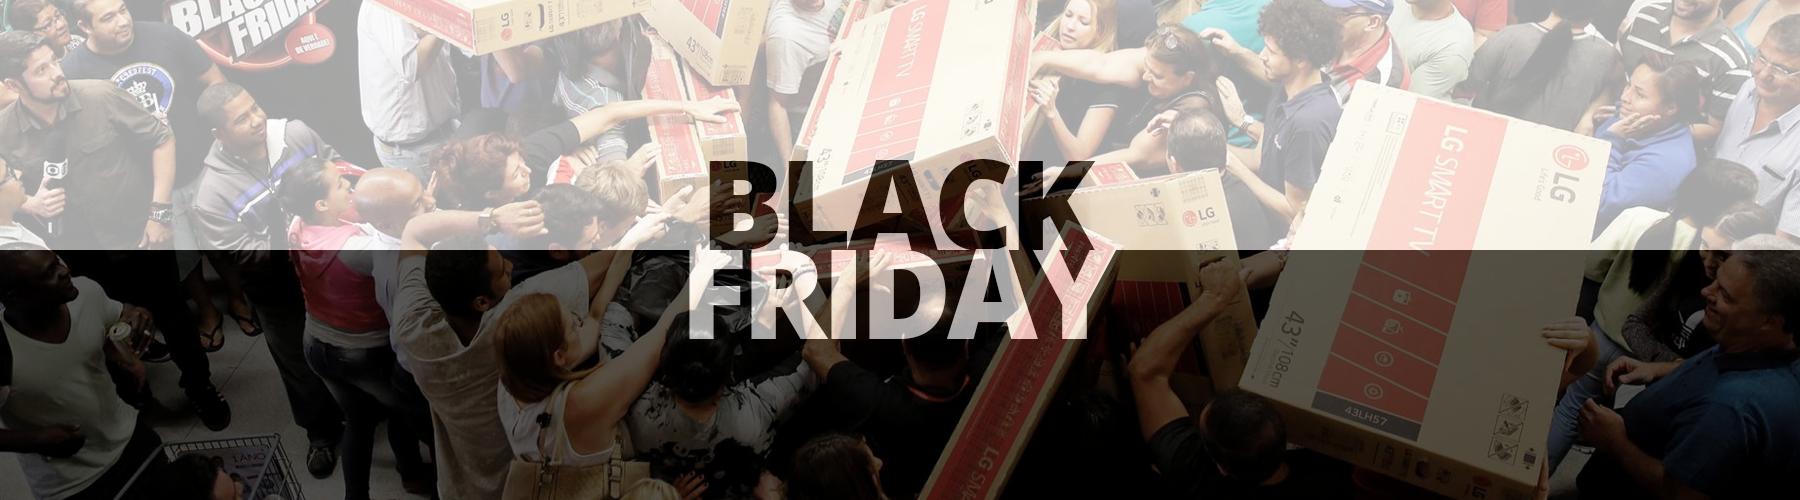 Black Friday : 5 conseils shopping pour en profiter au maximum